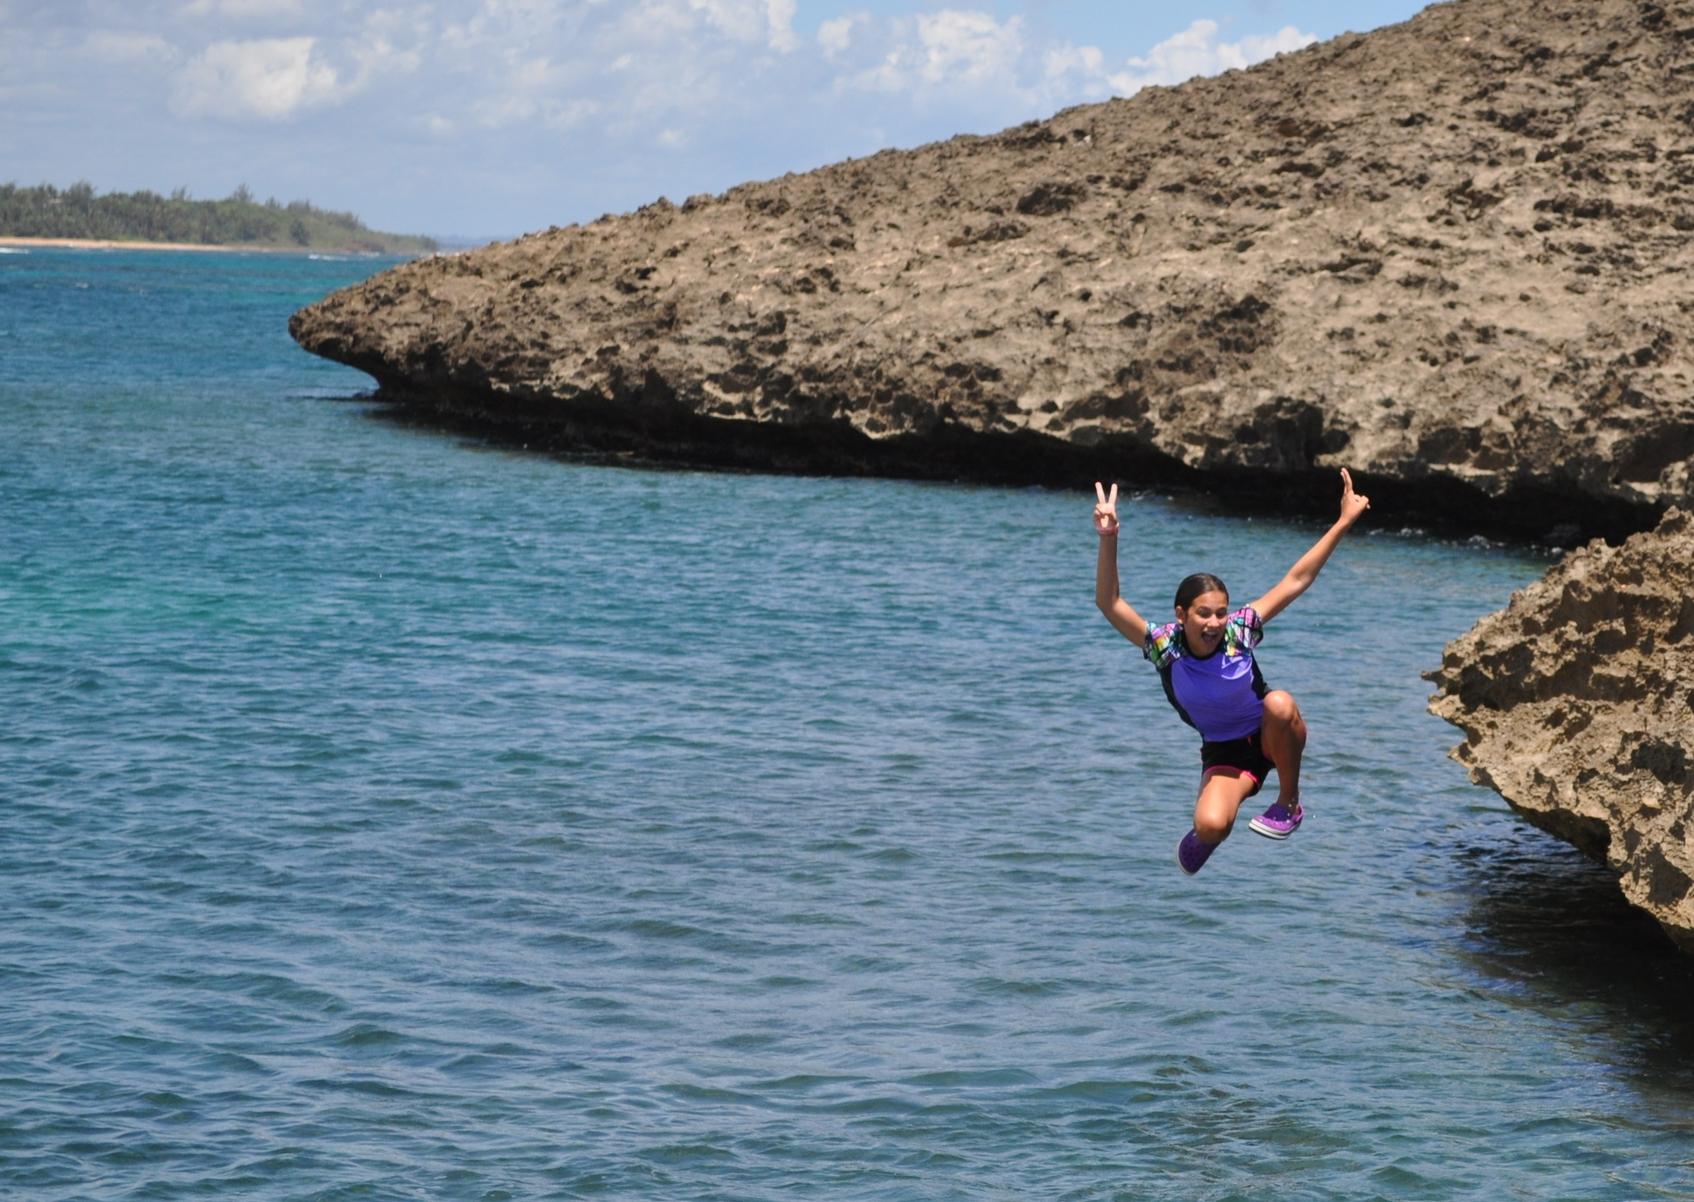 Desde el peñón, también en el balneario Puerto Nuevo, puedes tirarte. Siempre verificando primero la profundidad del agua y que no sea temporada de marejada; ya que en esta época no es recomendable subir a la piedra.Foto: Pamy Rojas